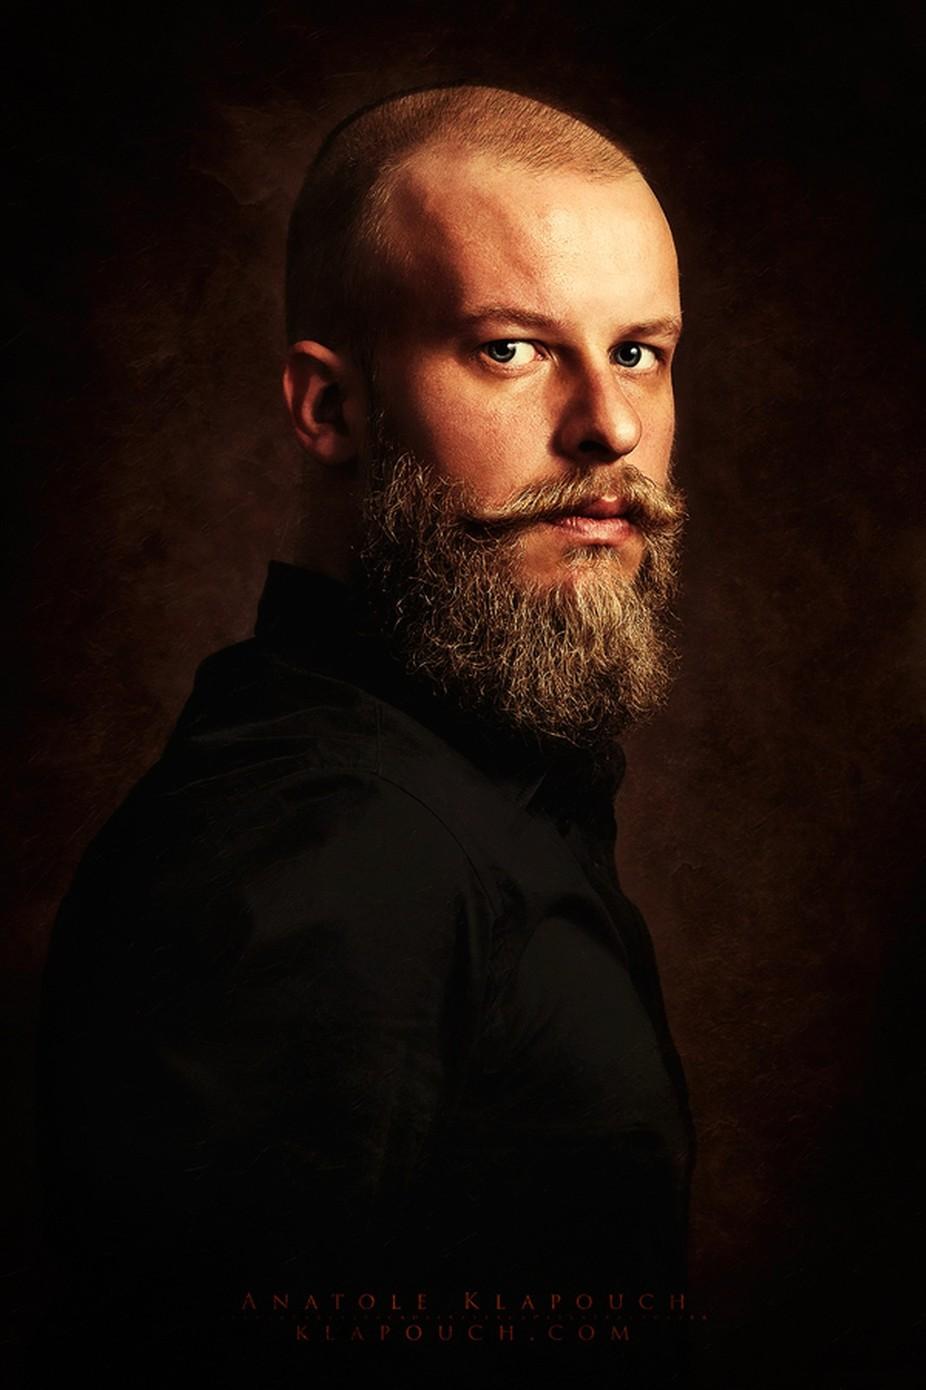 Self-portrait by klapouch - Male Portraits Photo Contest